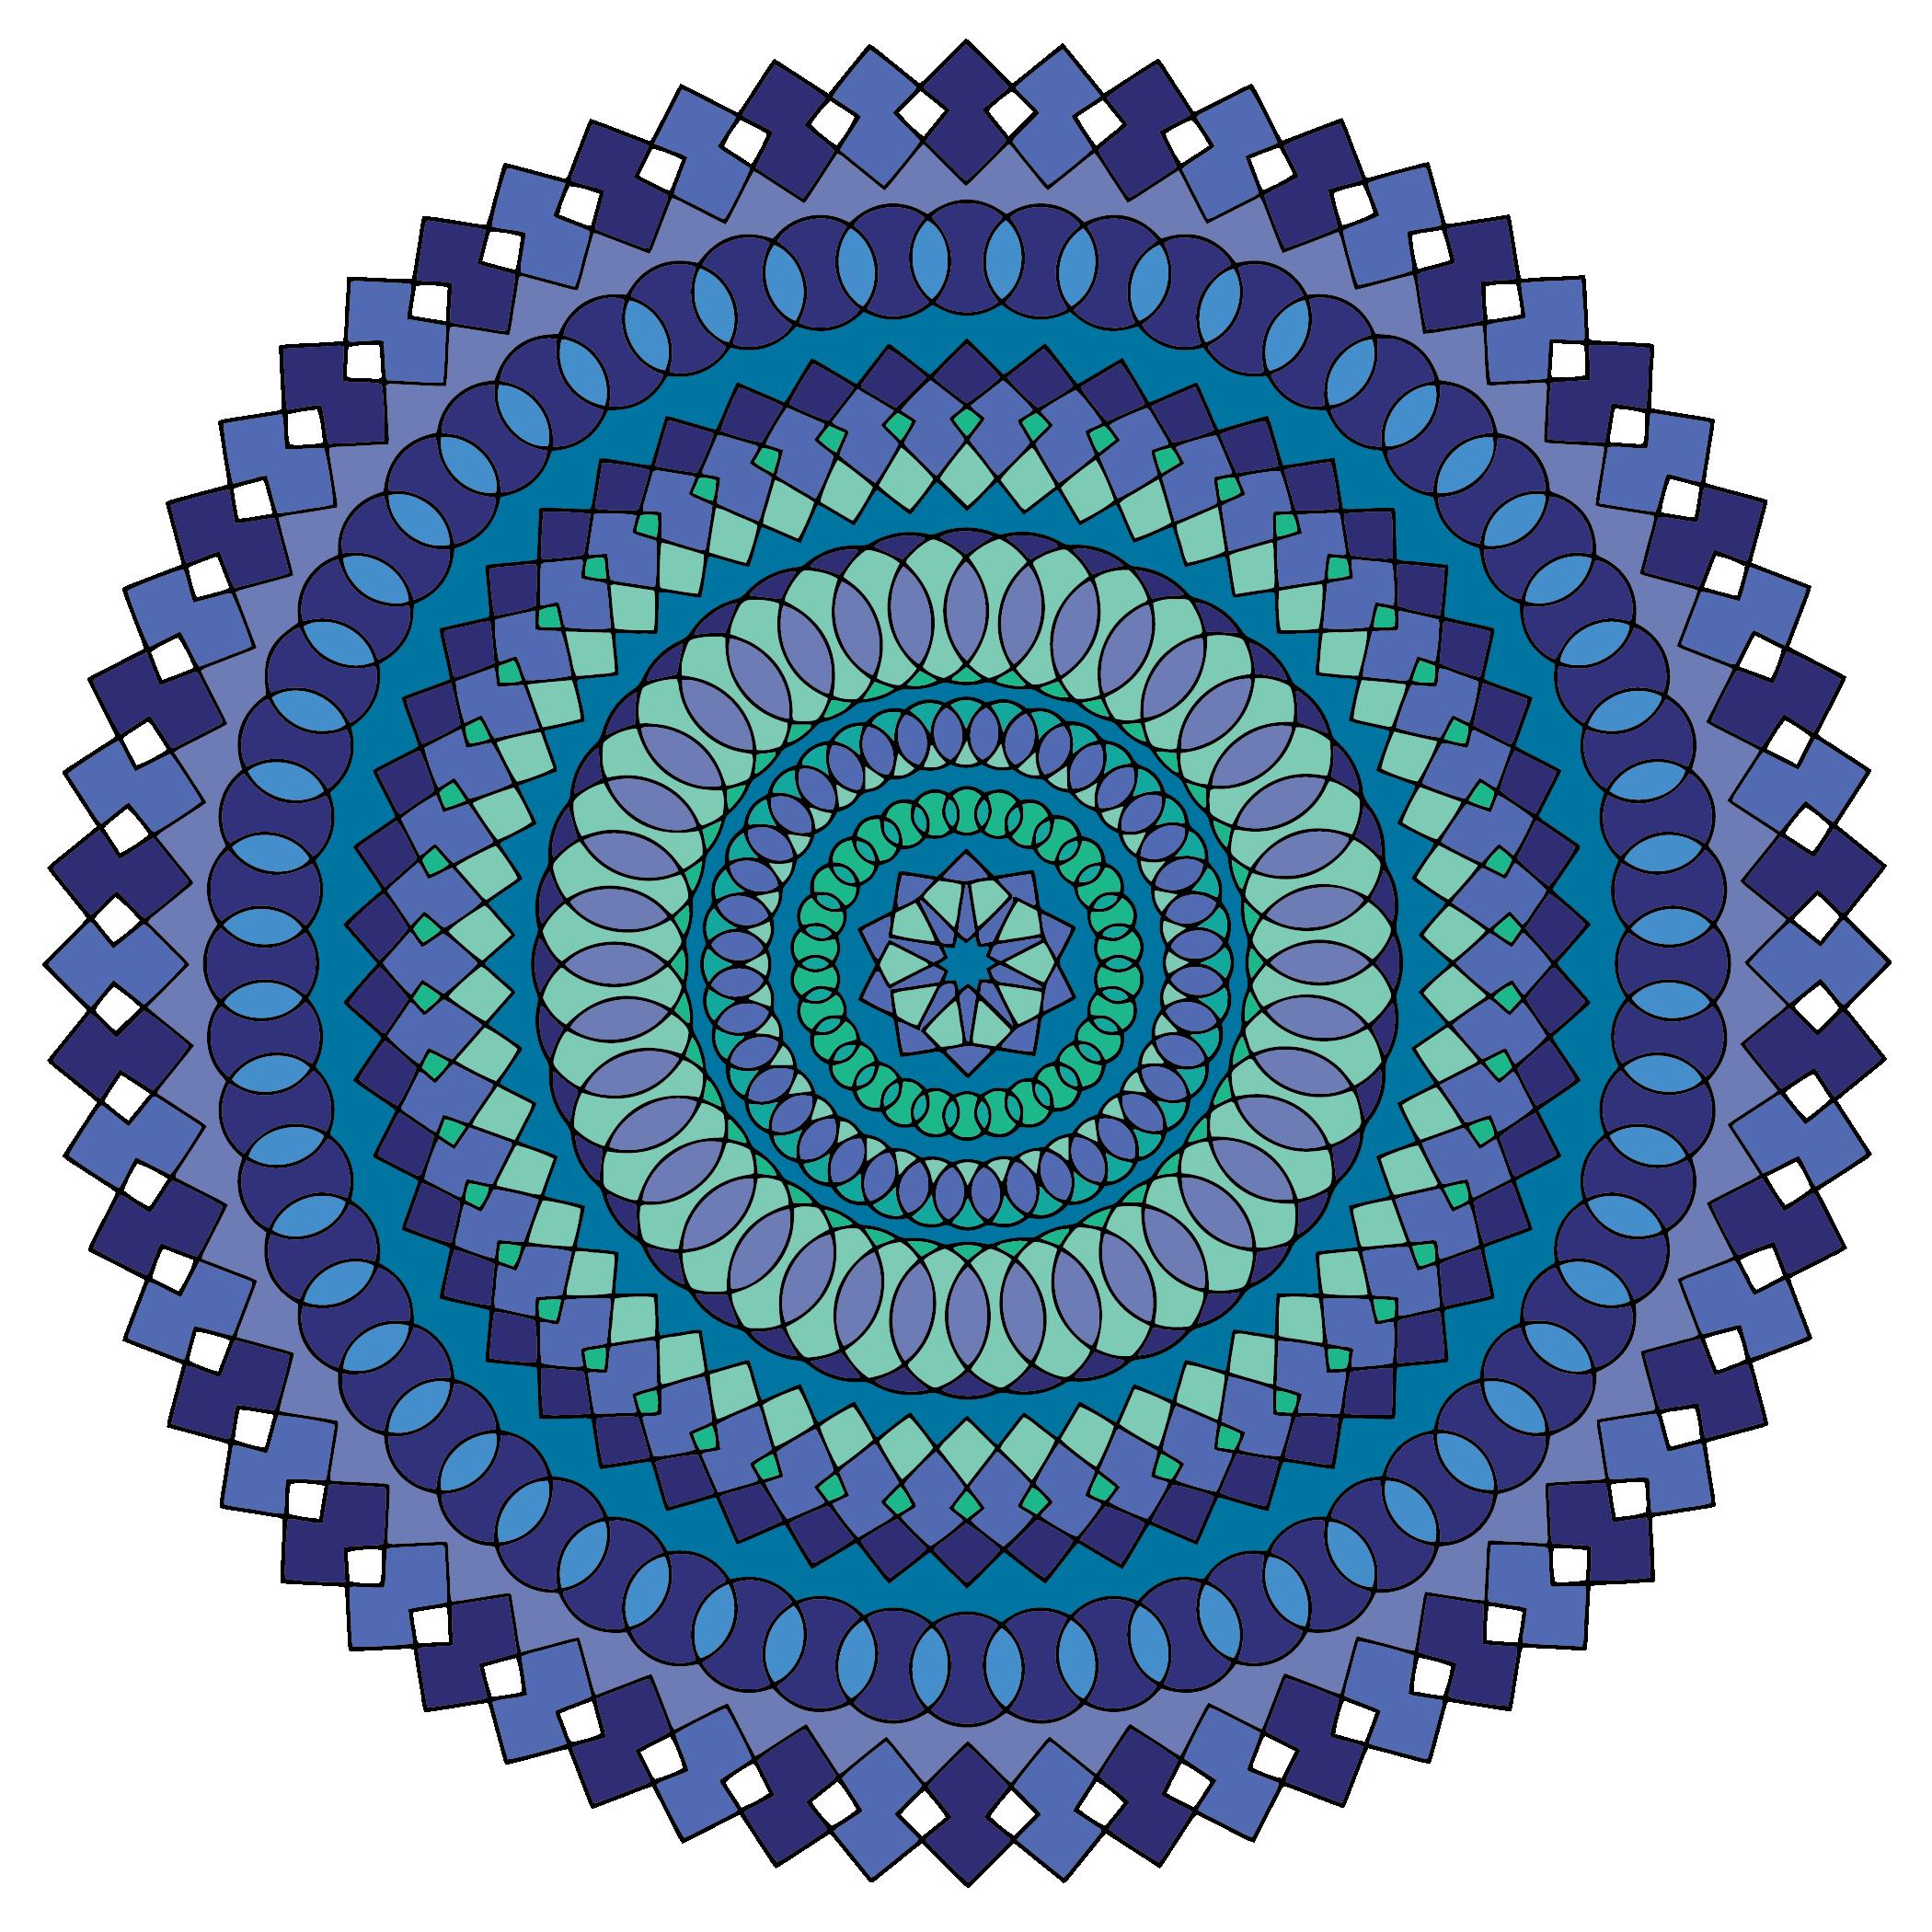 mandala-1286292